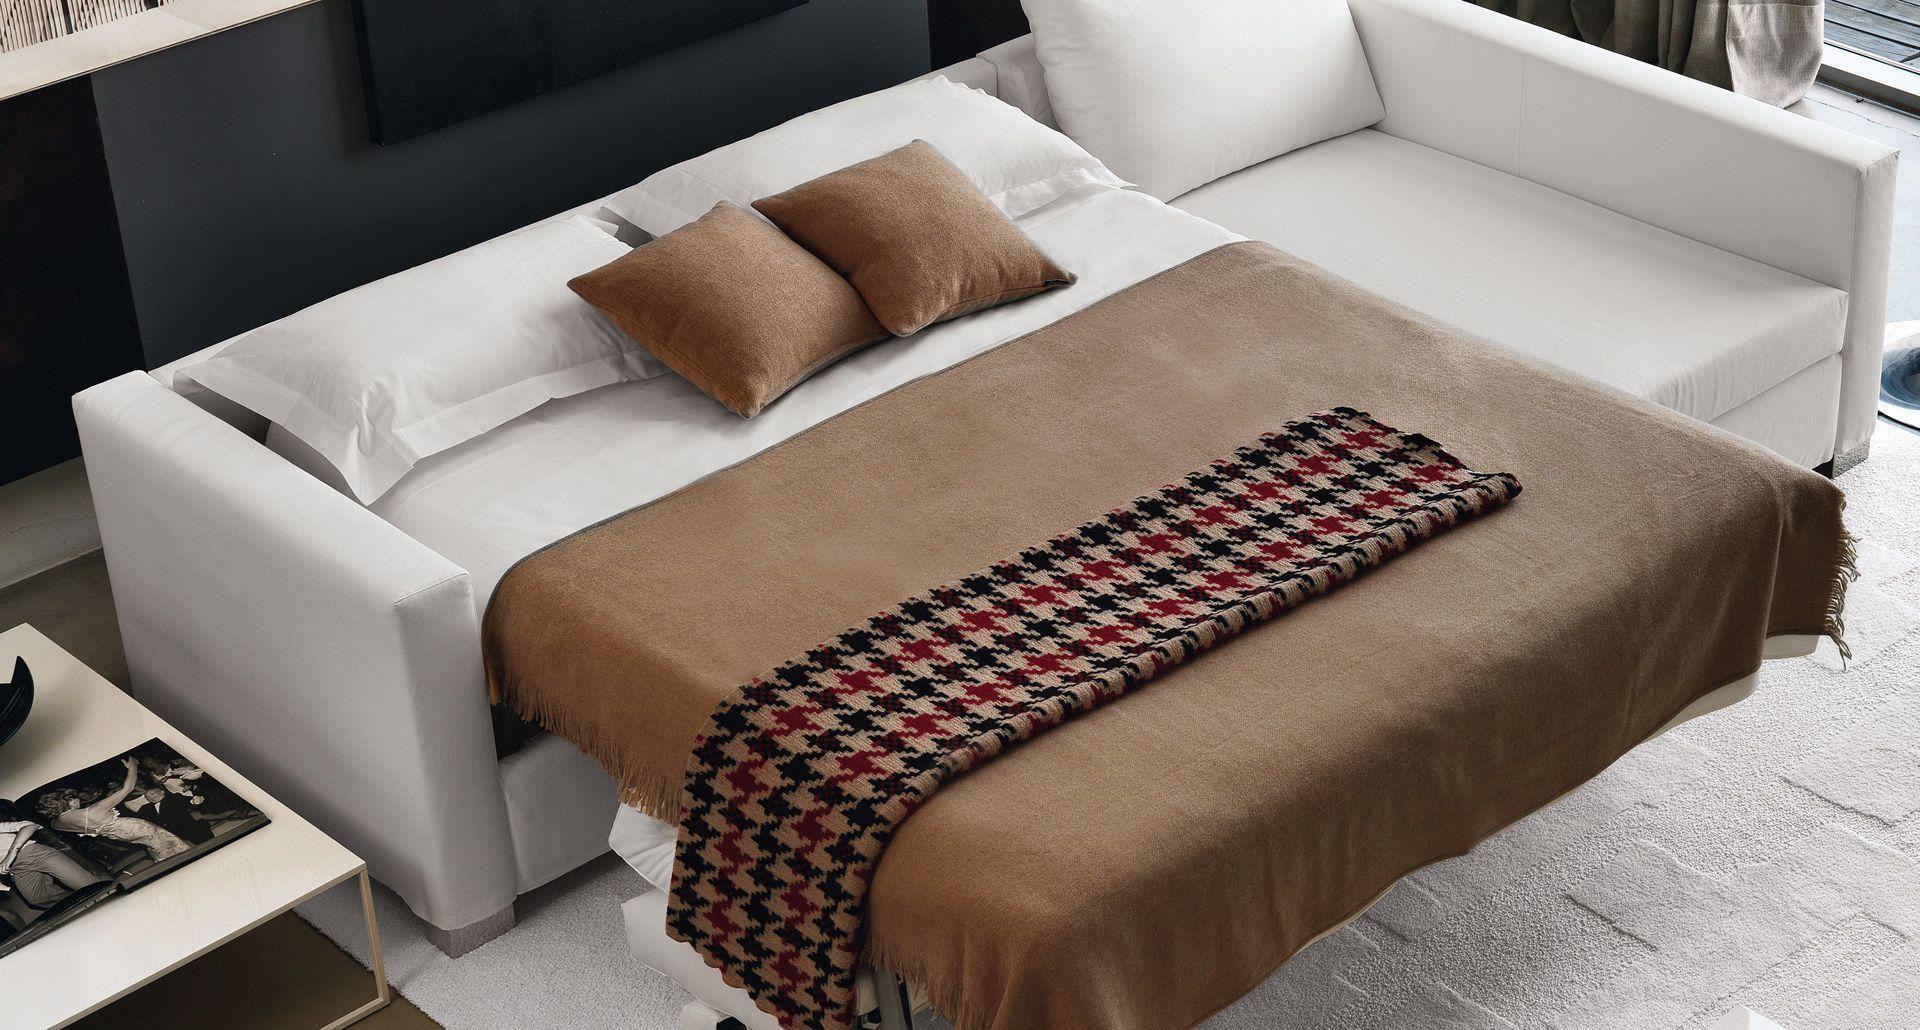 Sof cama aprenda a usar a pe a na decora o de casa - Fotos de sofas cama ...